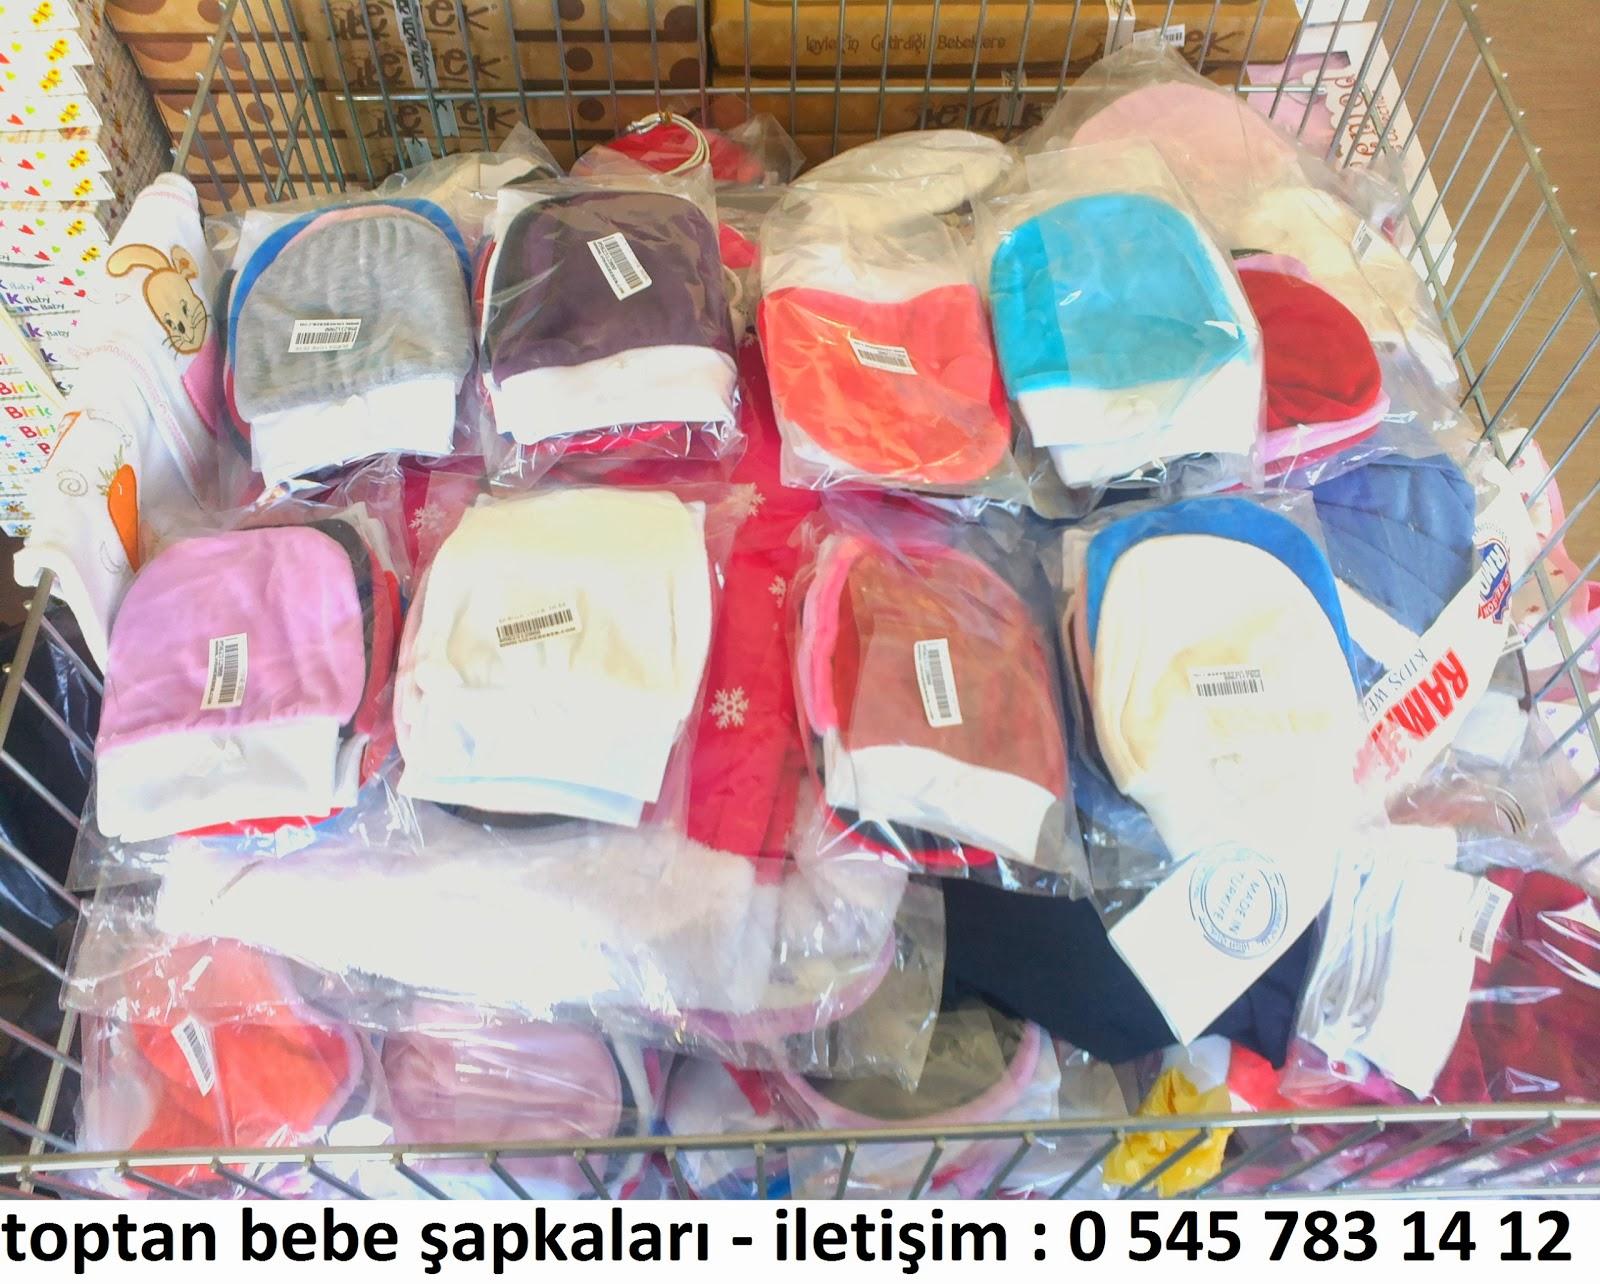 toptan bebe şapkaları toptan çocuk şapka bebe ürünleri 2